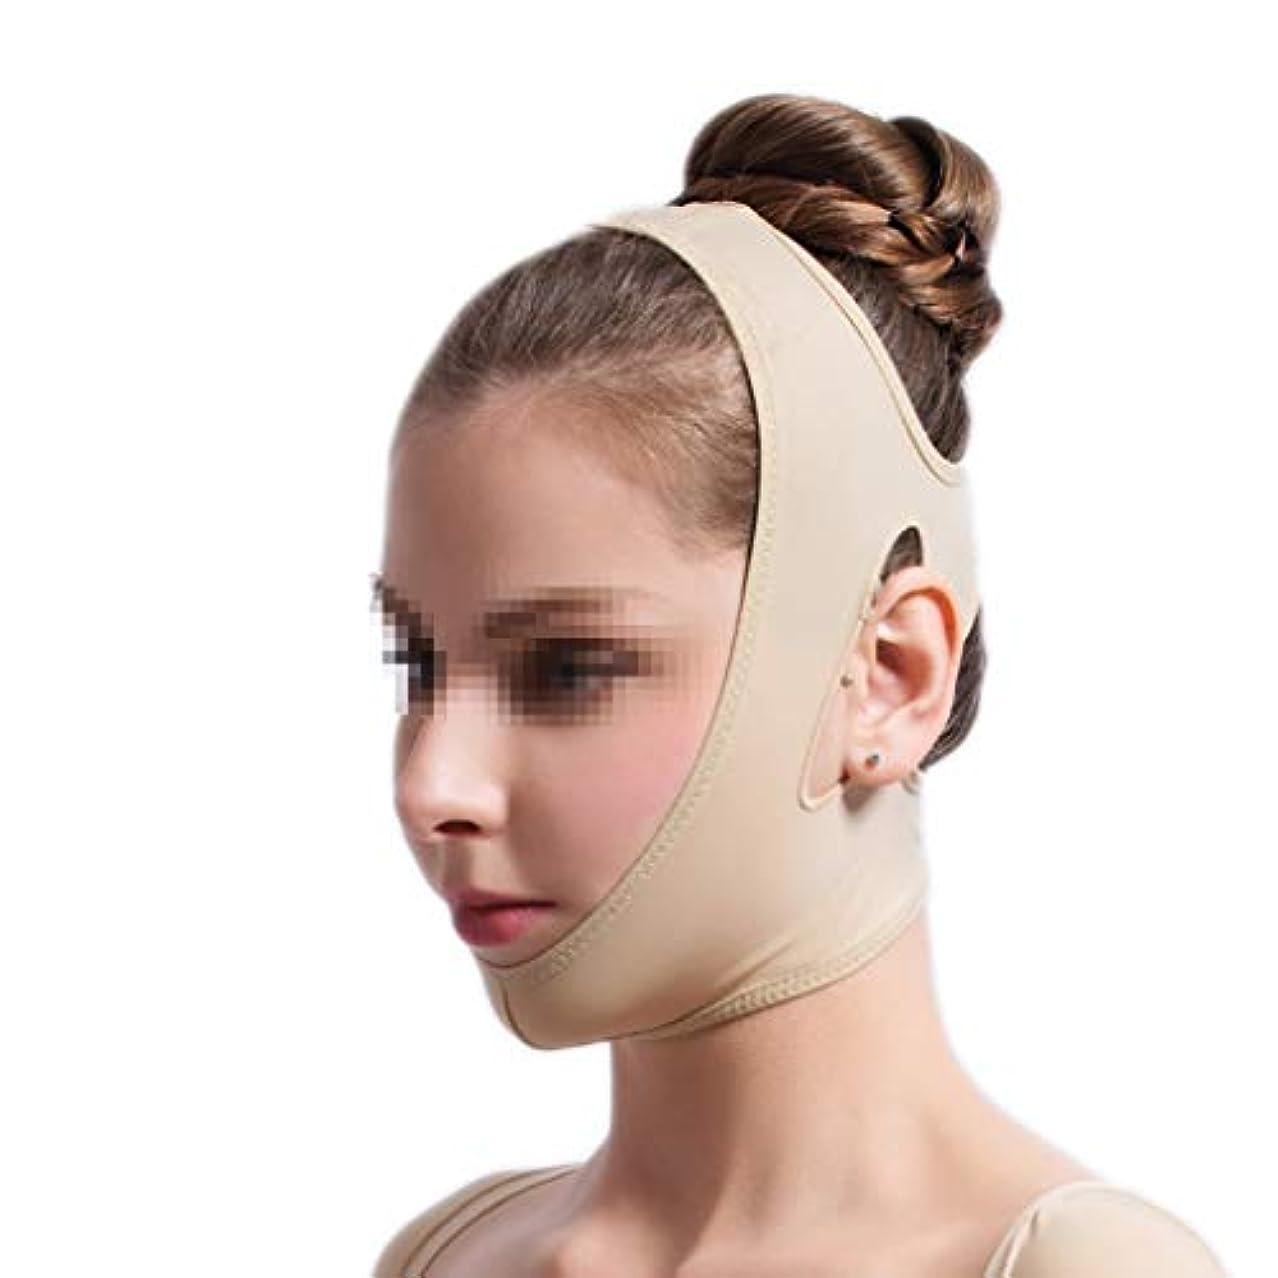 まつげアデレード豆腐フェイスリフトマスク、下顎袖医療グレード脂肪吸引術整形弾性ヘッドギアダブルあご顔ライン彫刻圧力包帯 (Size : XXL)